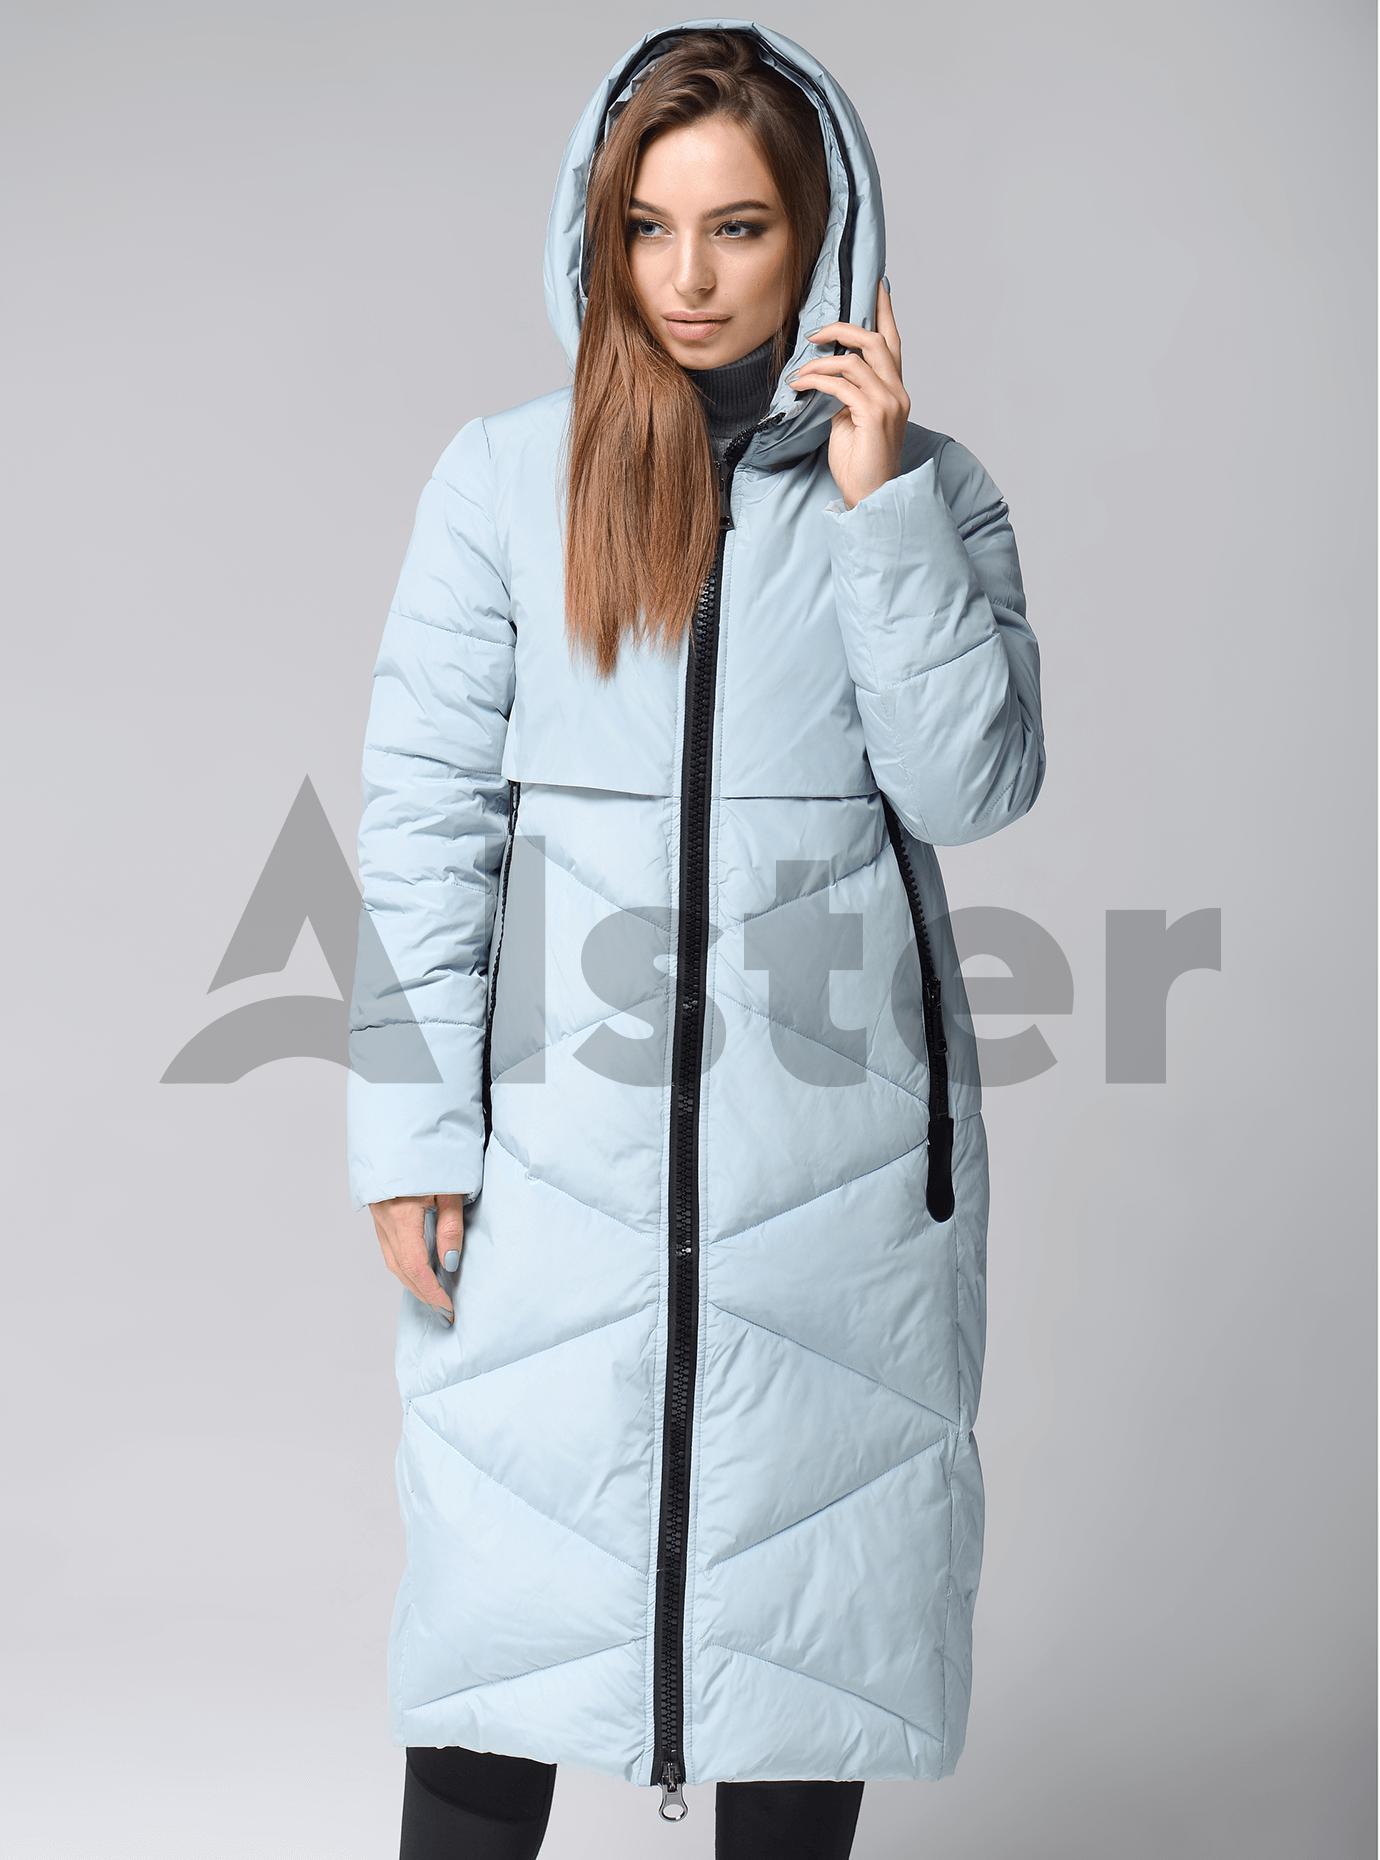 Куртка зимняя длинная стеганая Голубой S (02-SO19041): фото - Alster.ua